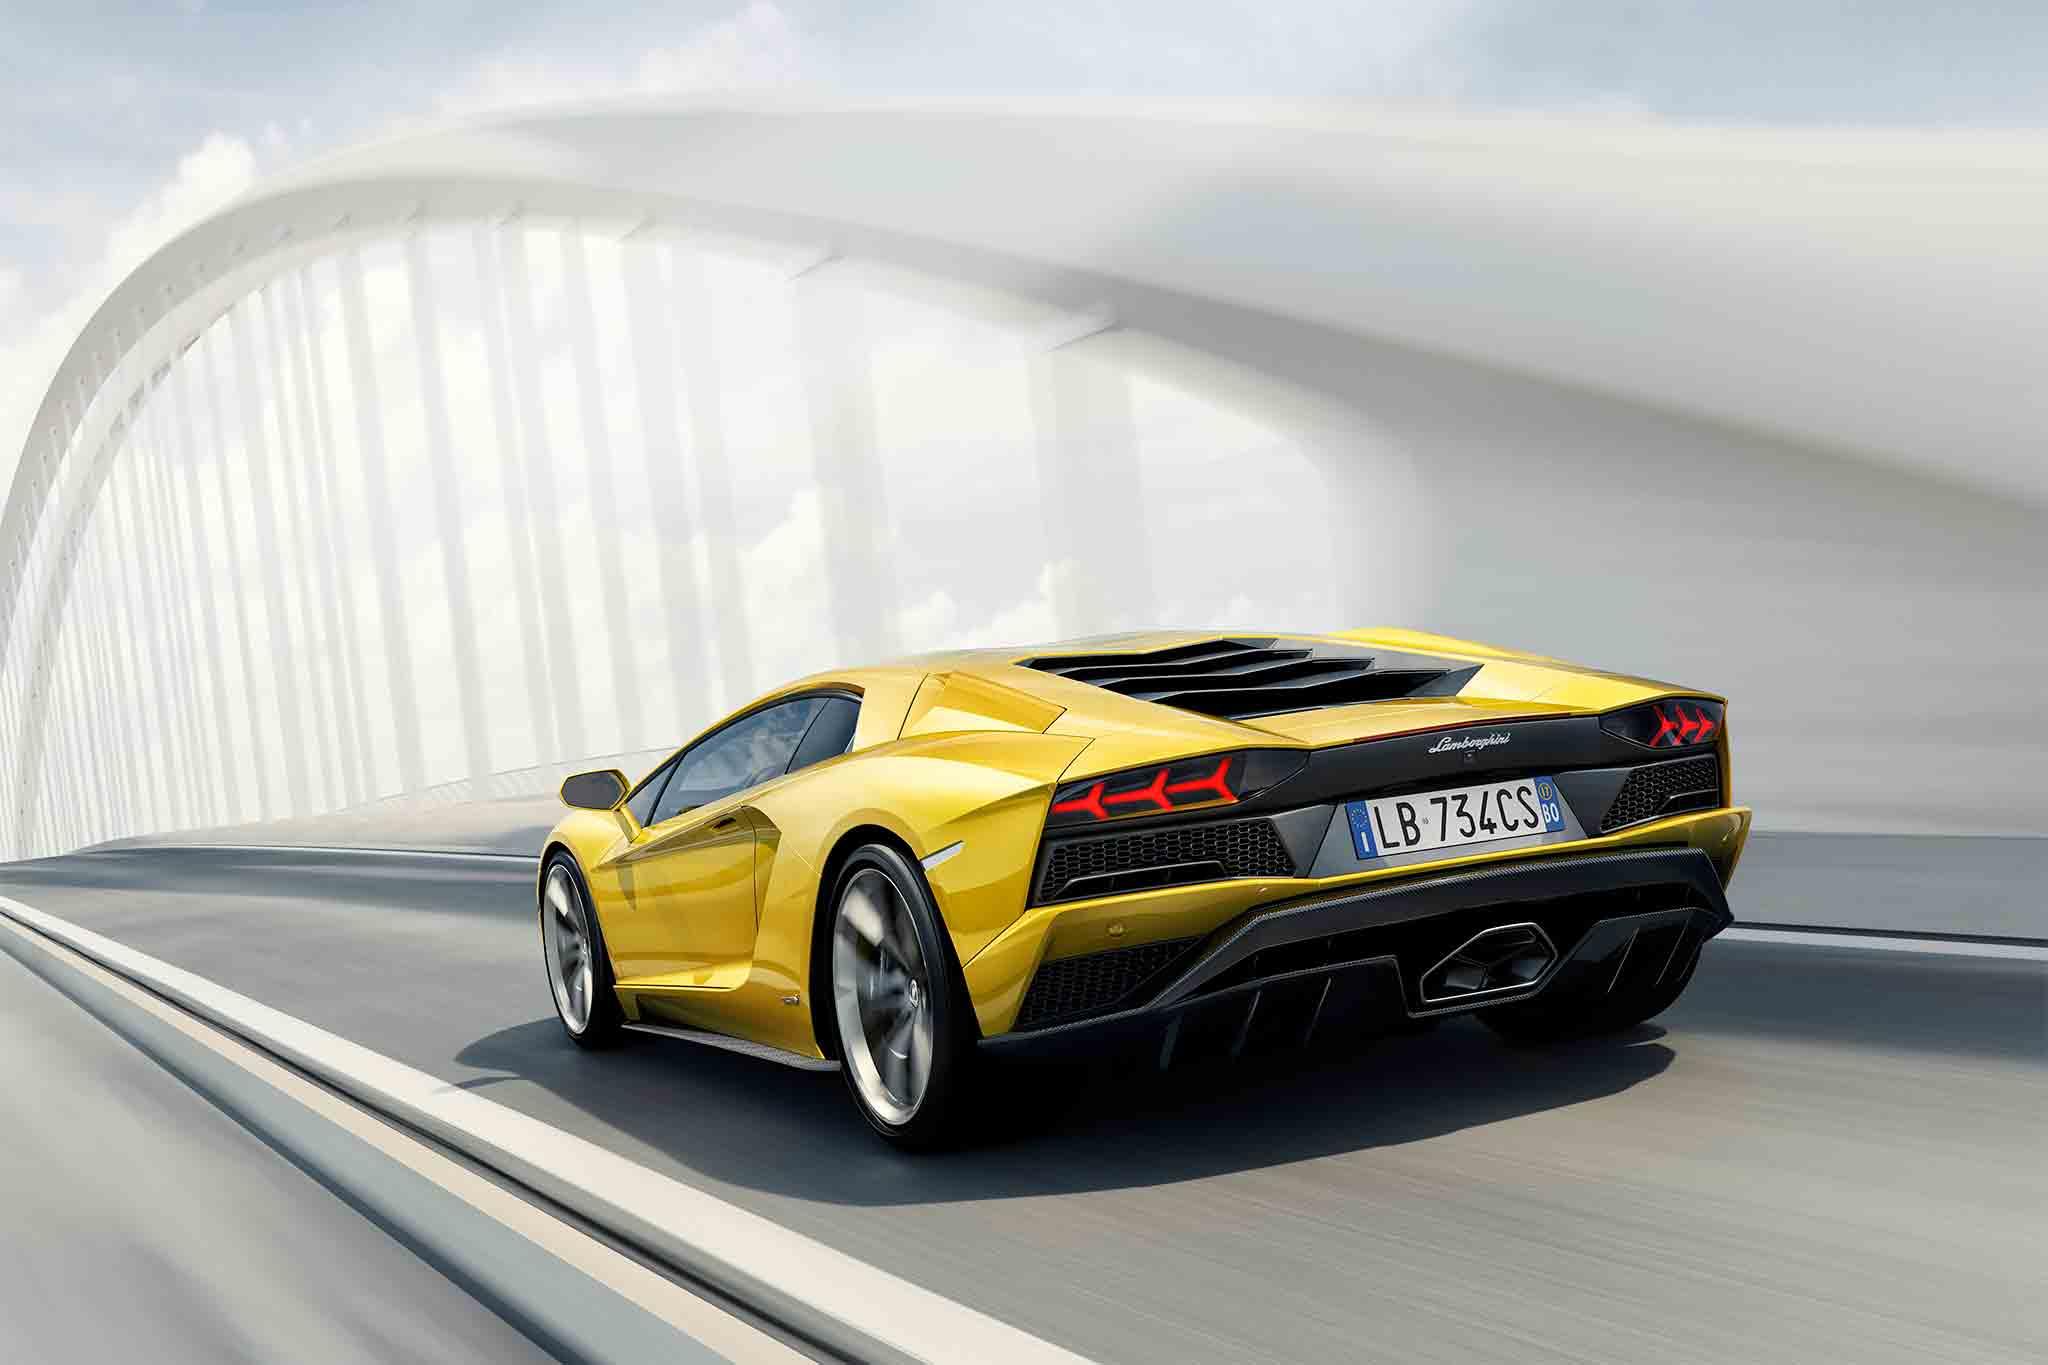 First Look: 2017 Lamborghini Aventador S | Automobile Magazine on lamborghini diablo 0-60, lamborghini 0 60 times, subaru brz 0-60, bac mono 0-60, porsche 918 spyder 0-60, aston martin db9 0-60, pontiac gto 0-60, nissan gt-r black edition 0-60, porsche cayenne 0-60, audi r8 0-60, ferrari enzo 0-60, bmw z4 0-60, pagani zonda 0-60, lamborghini estoque 0-60, lotus esprit 0-60, bugatti 0-60, subaru impreza 0-60, honda s2000 0-60, maserati granturismo 0-60, koenigsegg ccx 0-60,